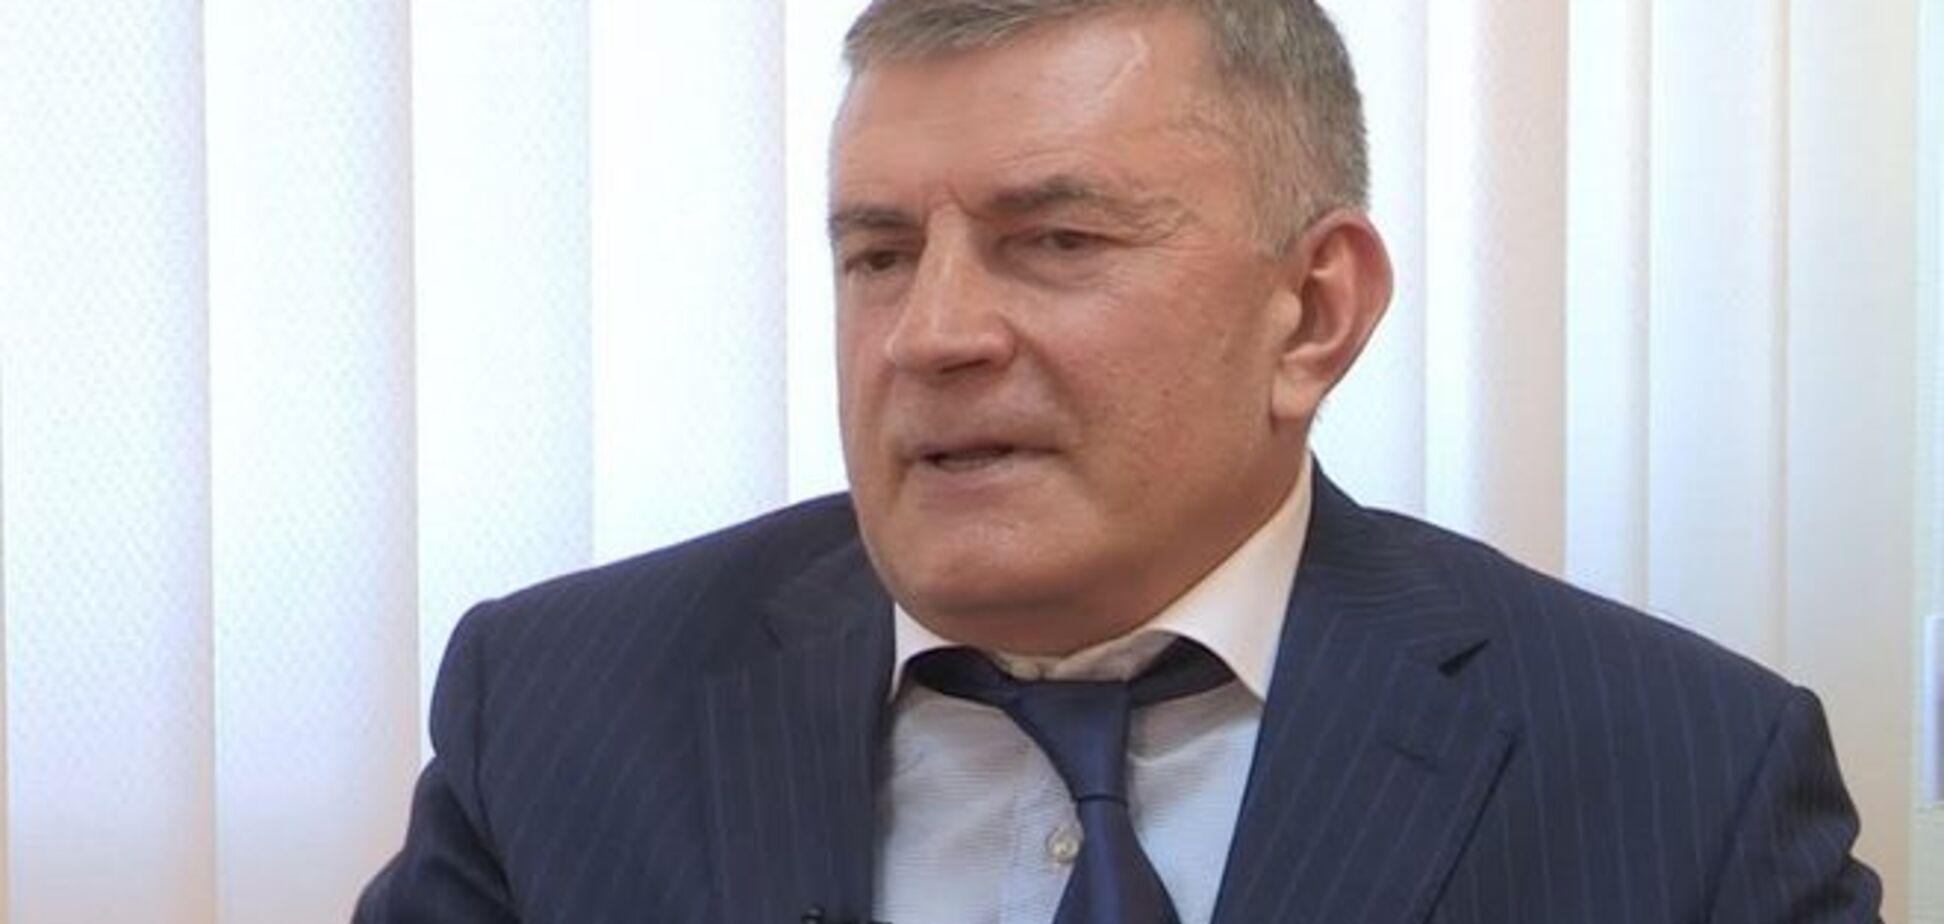 Замгенпрокурора заявил, что не видел в деле показаний об участии в расстрелах на Майдане сотрудников ФСБ